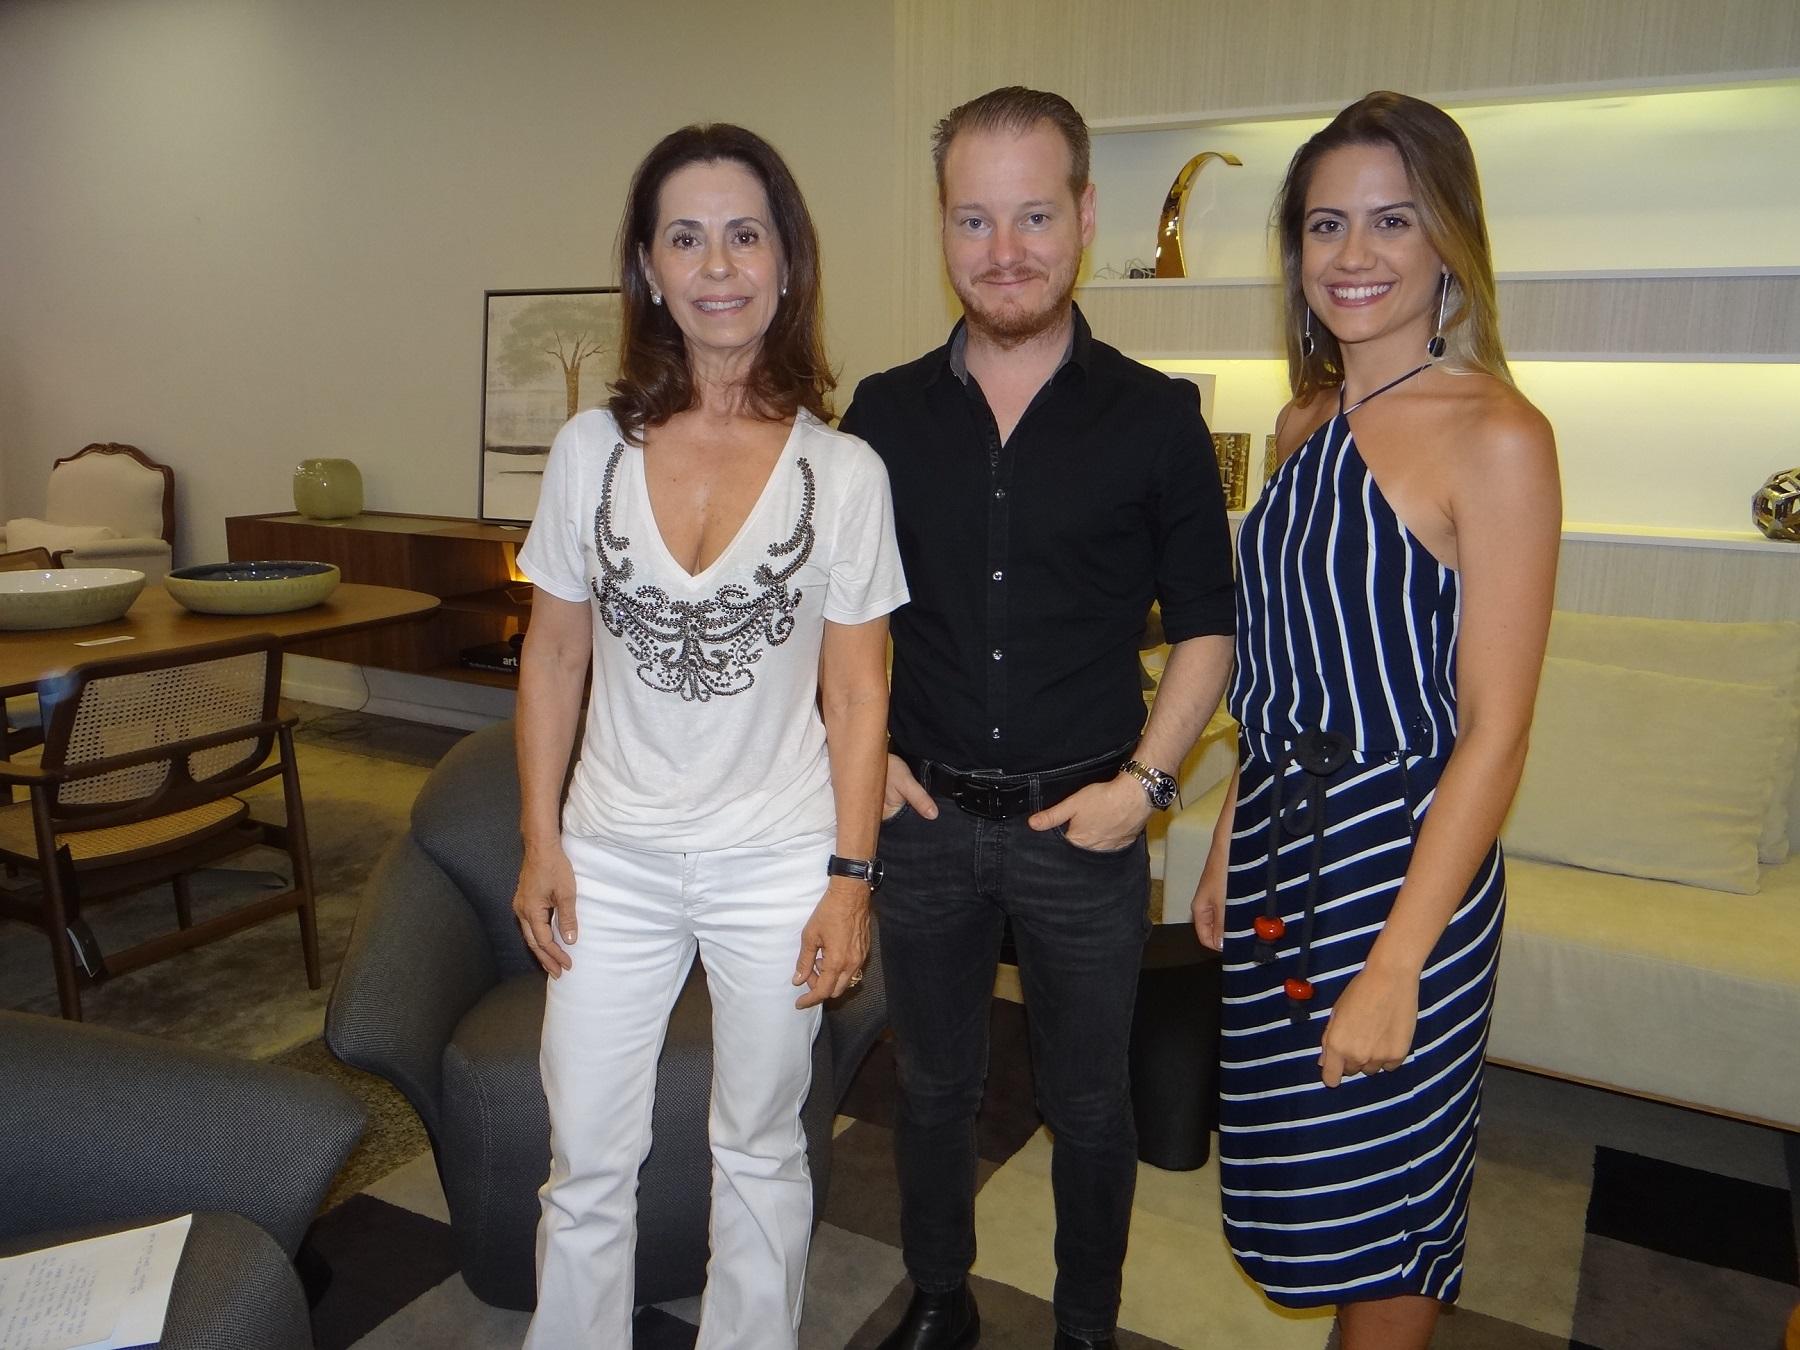 Cristina Santos, Jader Almeida e Isadora Ferreira